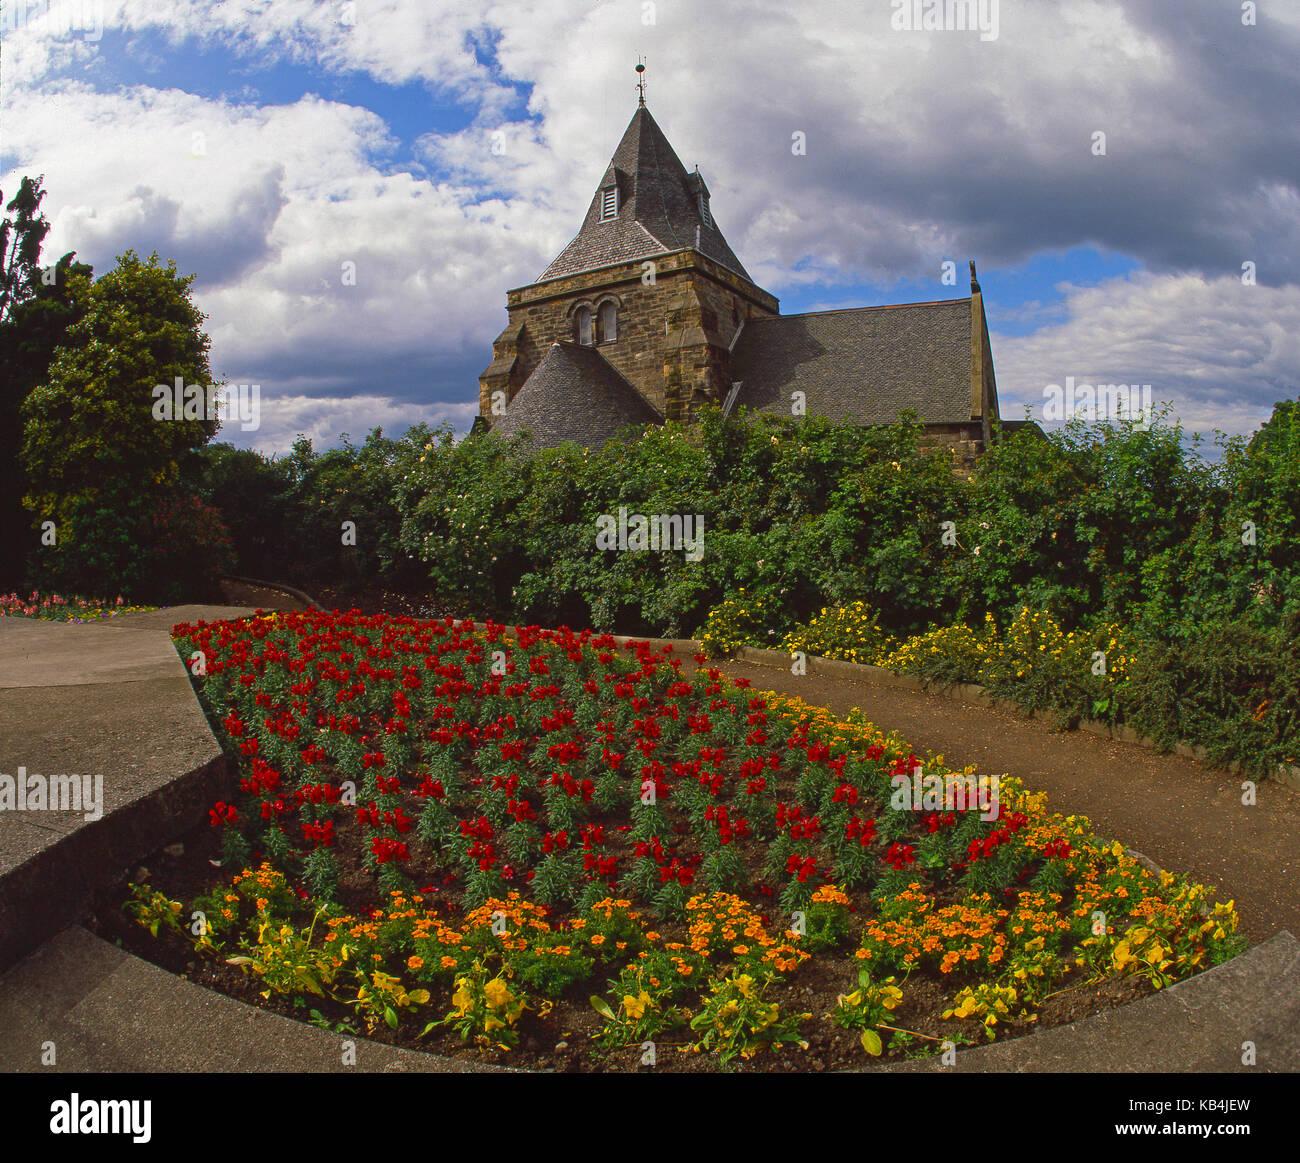 Kirkcaldy Stock Photos & Kirkcaldy Stock Images - Alamy